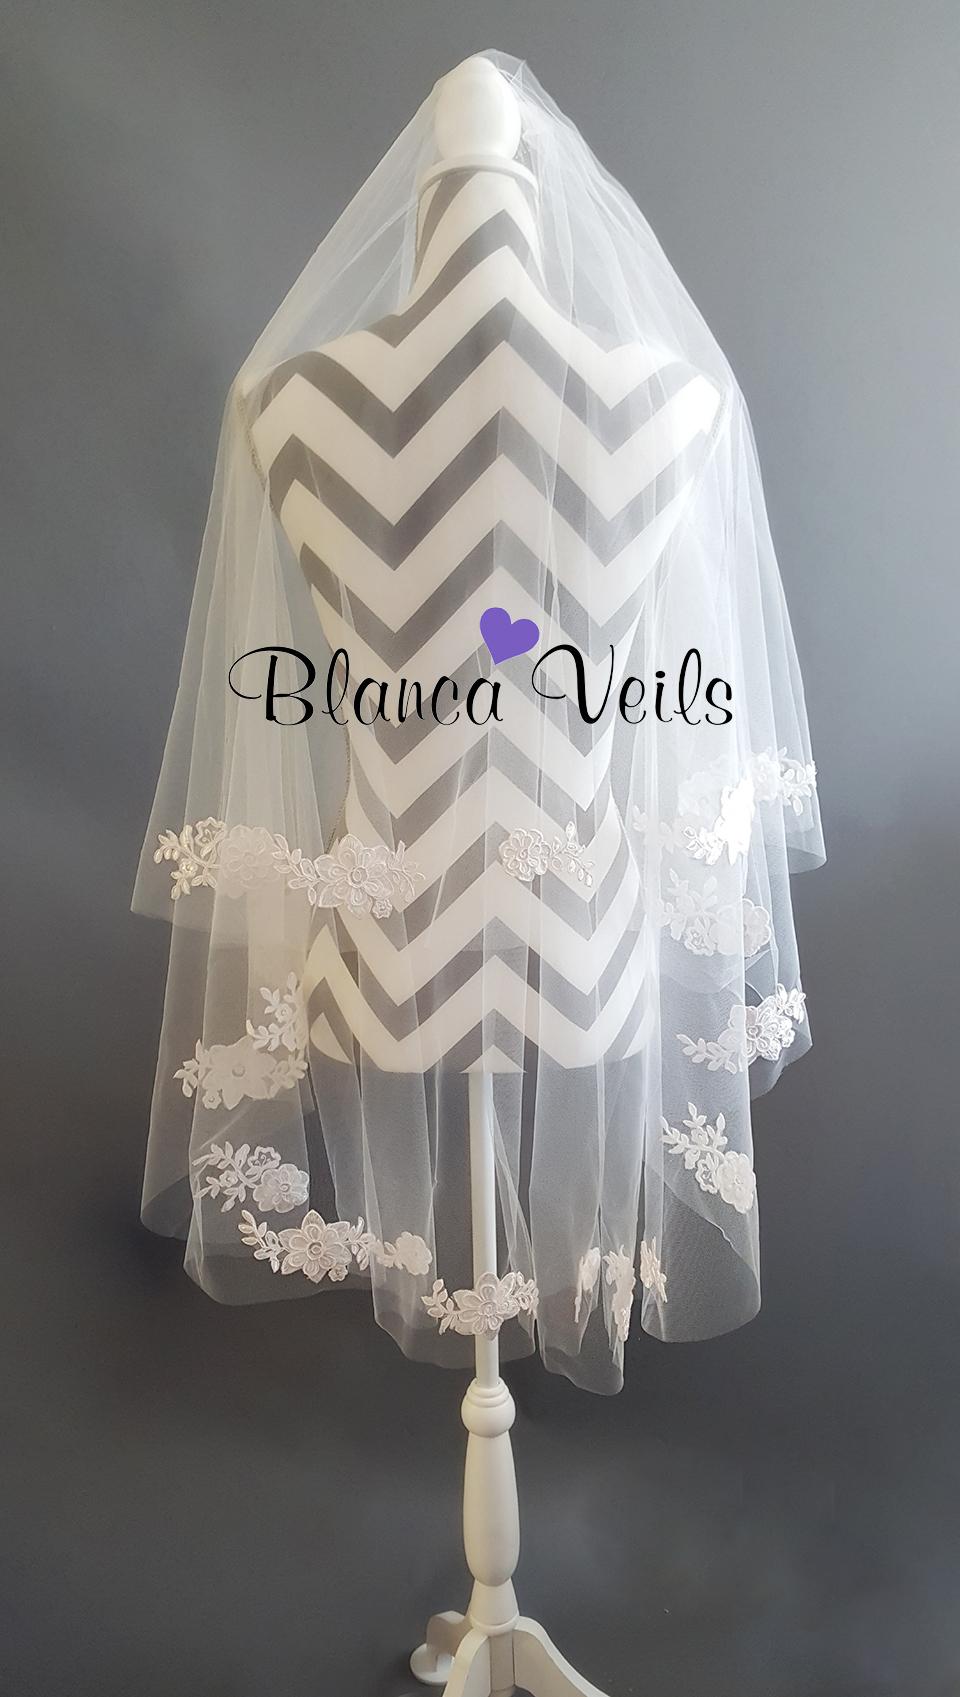 Applique Veil from BlancaVeils.com